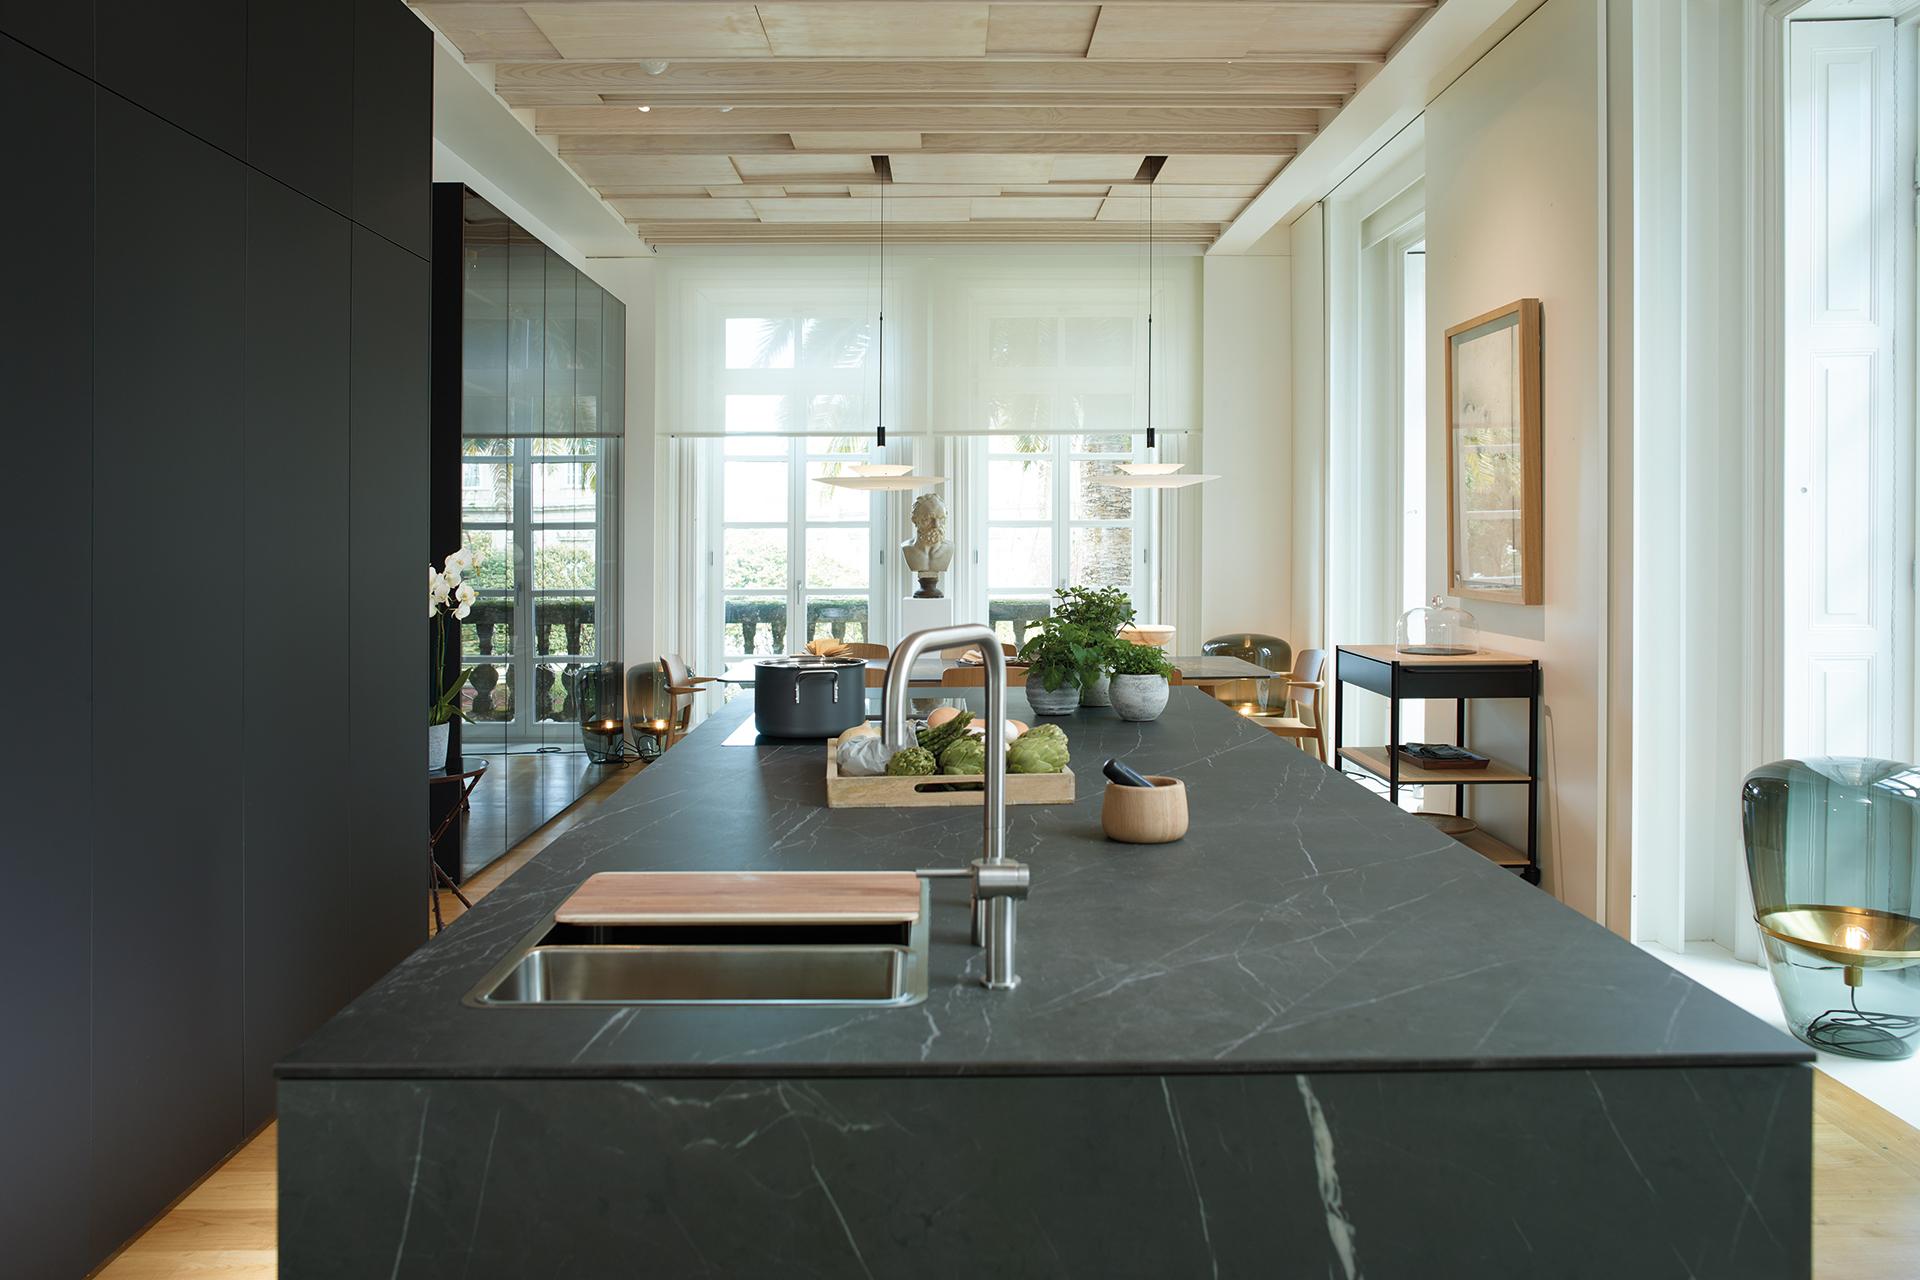 Cocina con isla abierta al salón y al comedor, equipada con muebles diseñados por Santos